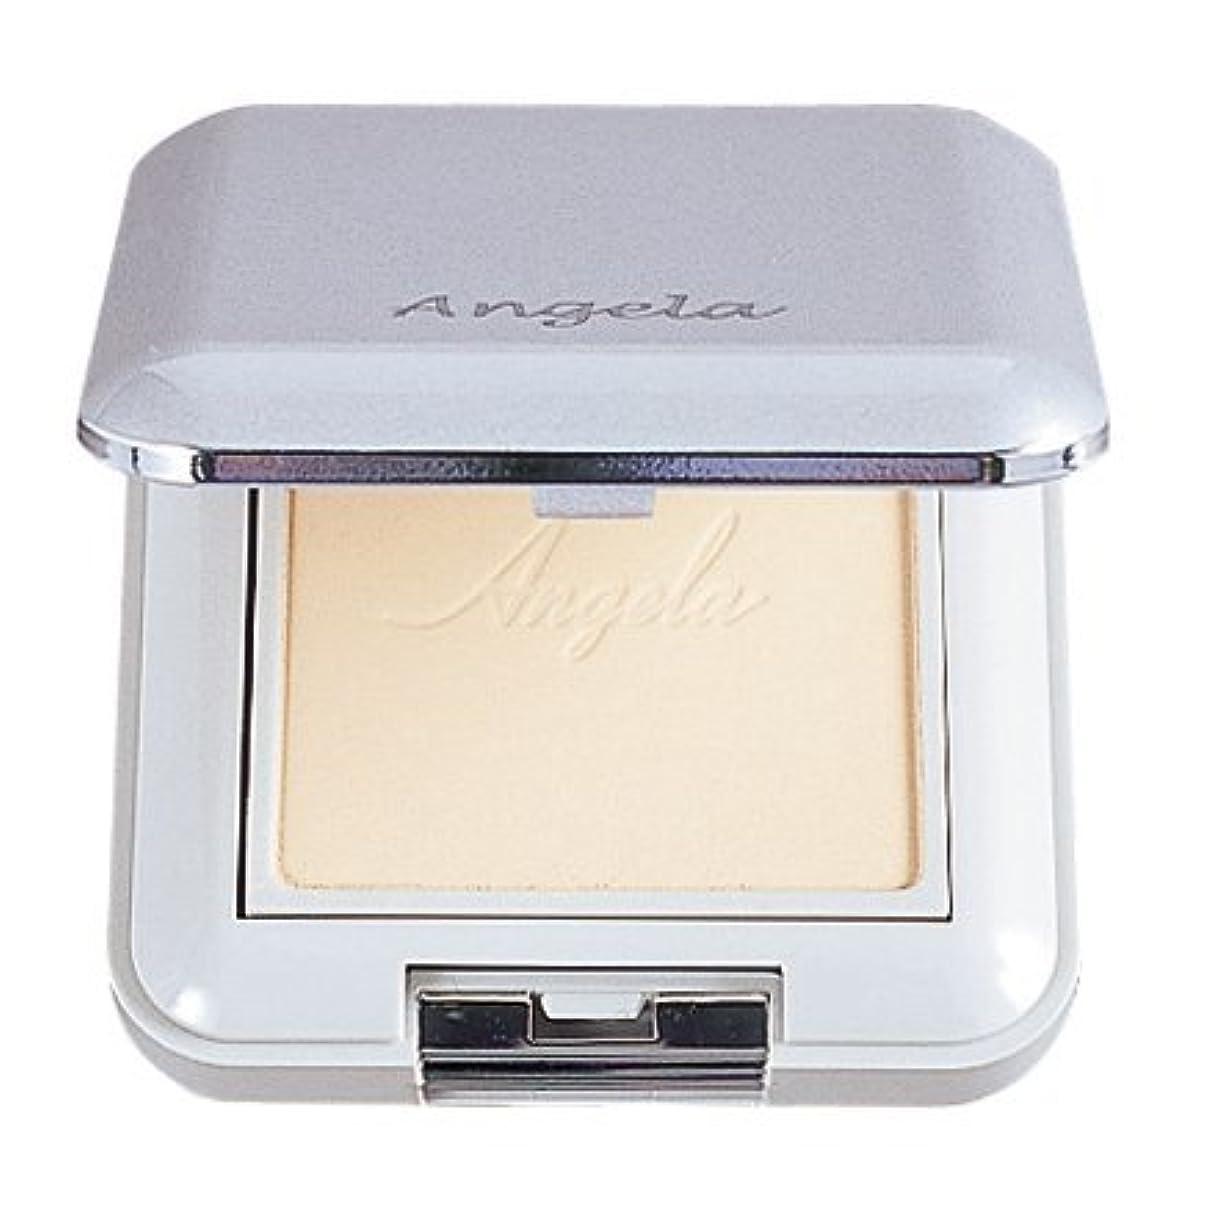 刻む頑張る化粧ホワイトリリー アンジェラ パウダリーパクト レフィル 固形おしろい SPF15